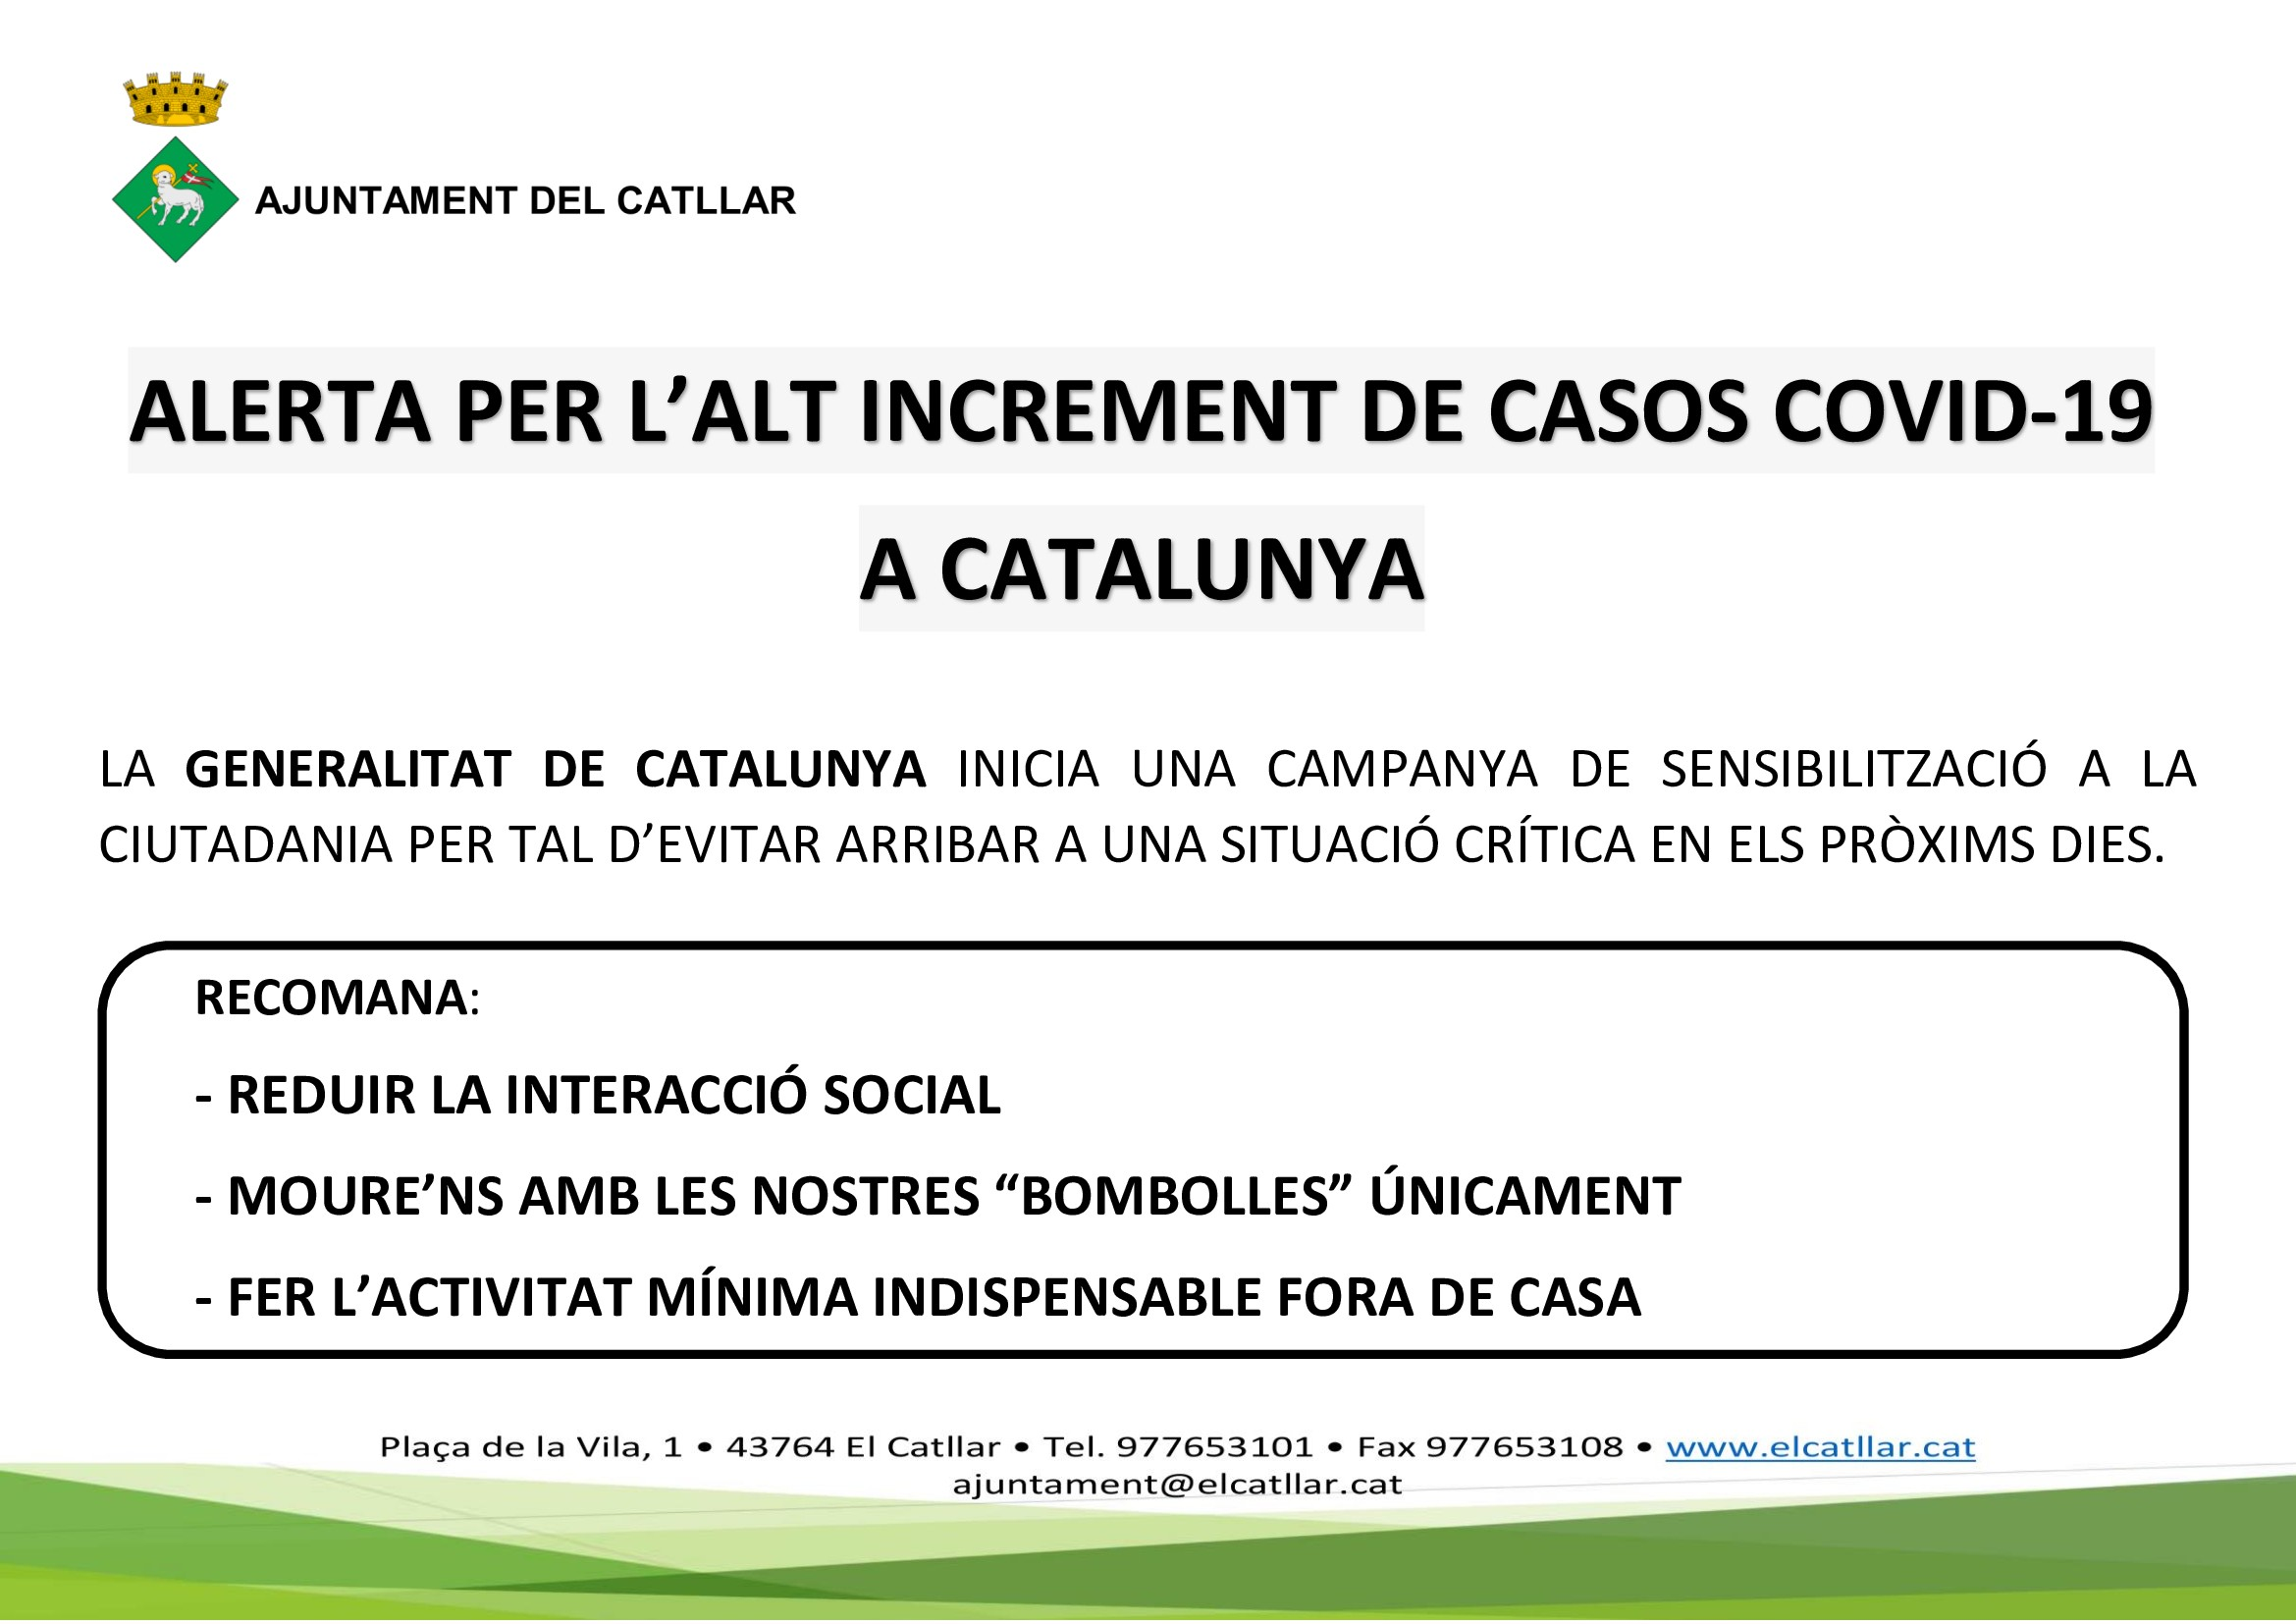 ALERTA POR EL GRAN INCREMENTO DE CASOS DE COVID-19 EN CATALUÑA – GENERALITAT DE CATALUNYA